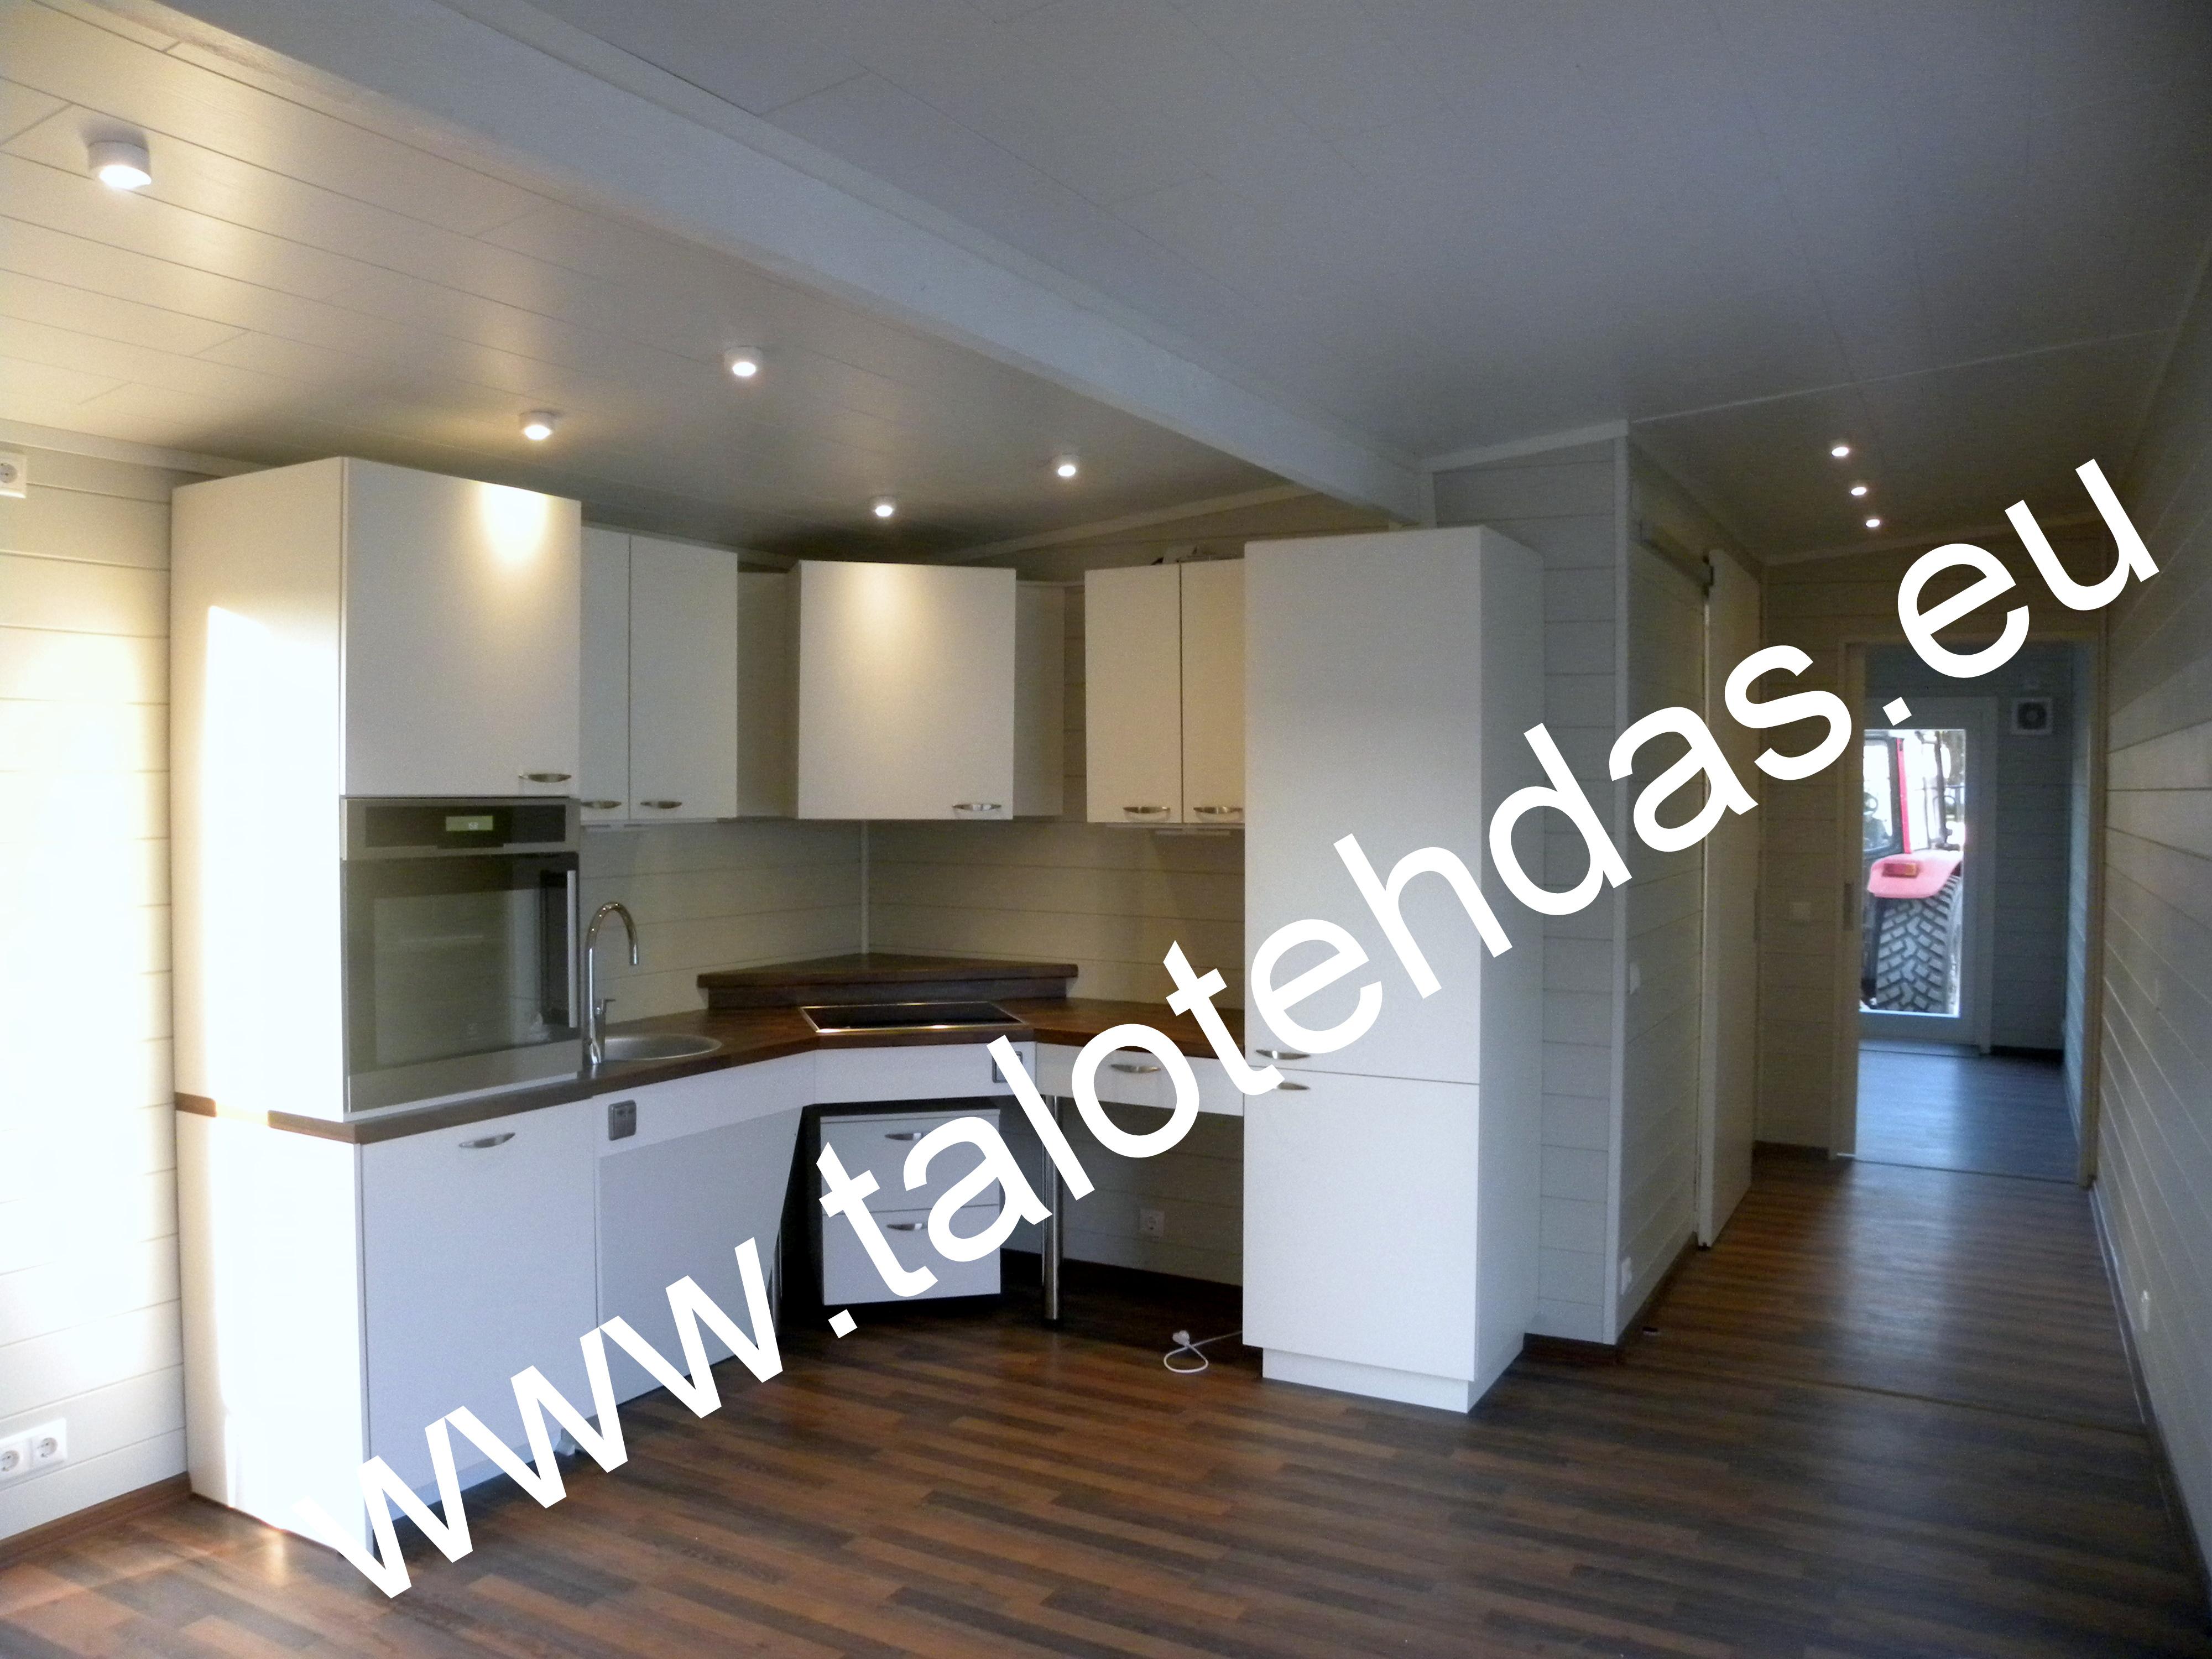 Talovaunu keittiö - www.talotehdas.eu